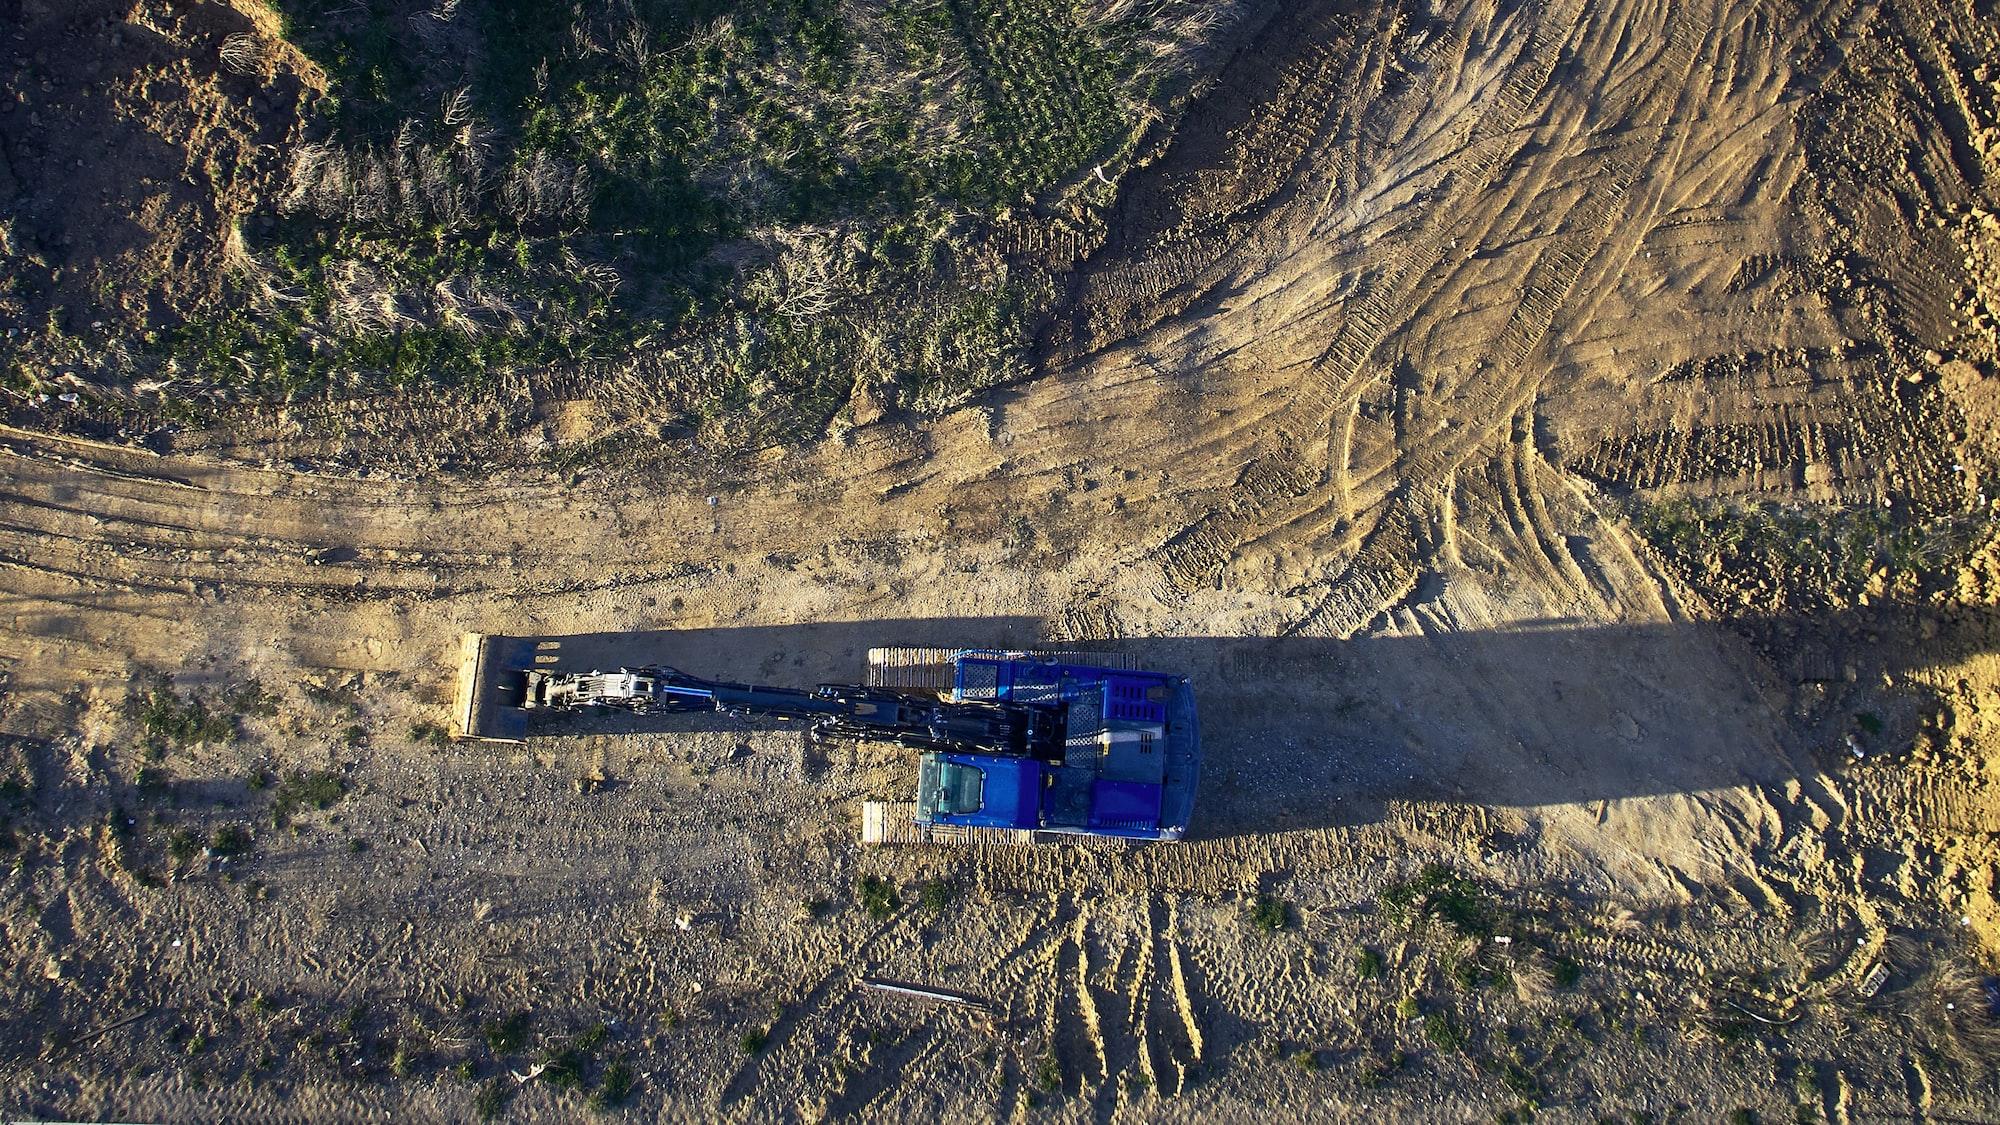 Bauunternehmer für die Erd- und Kanalarbeiten gefunden